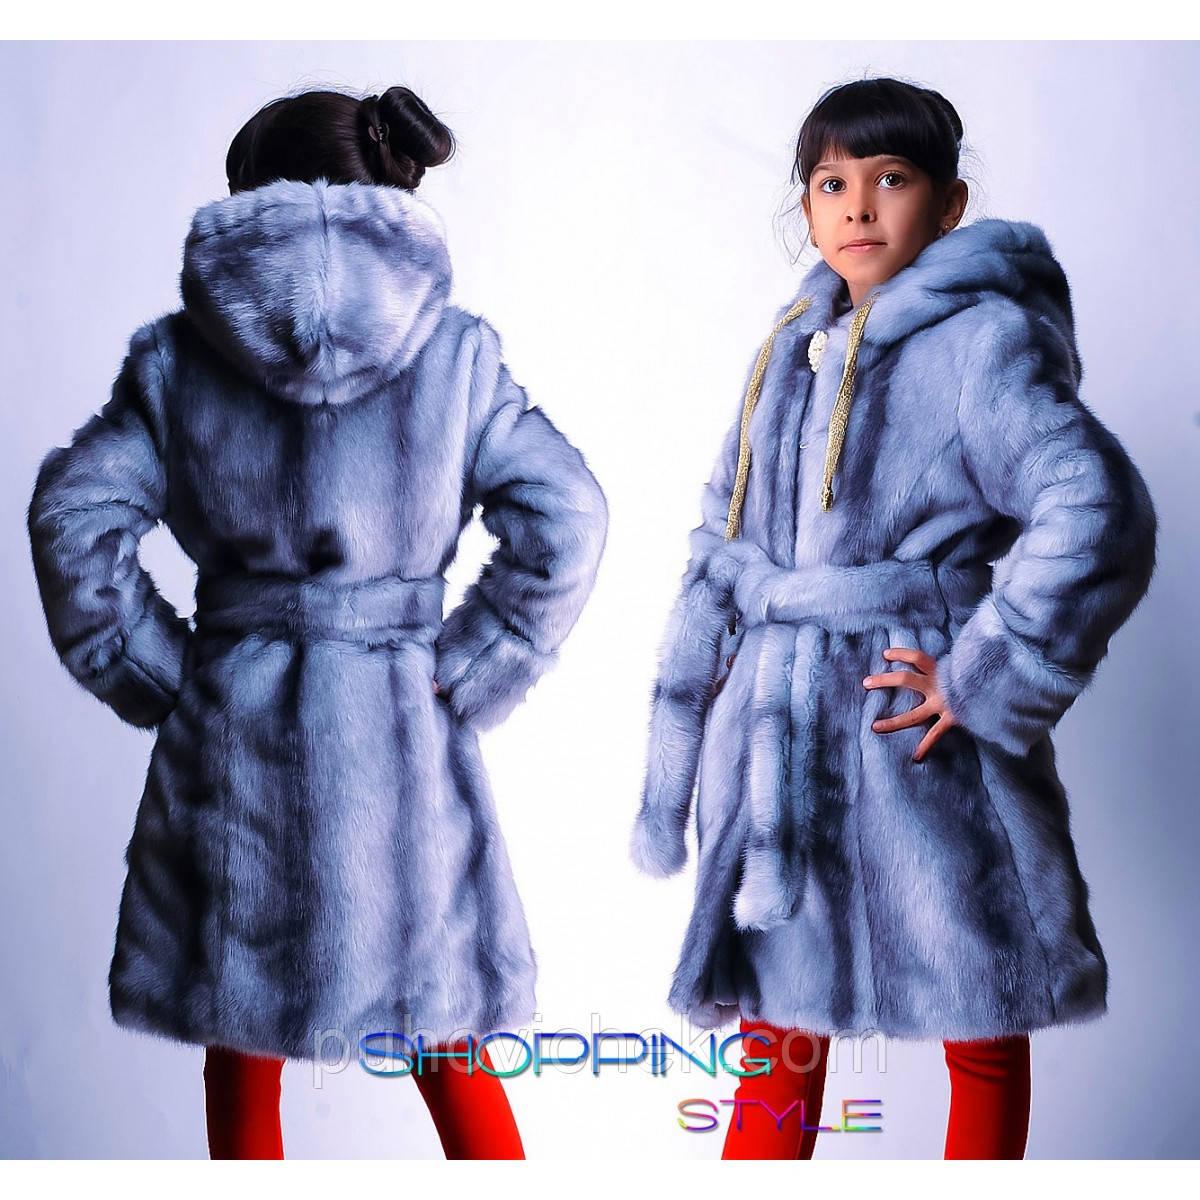 e8f3d941131 Модные детские шубы для девочек интернет магазин - Интернет магазин Линия  одежды в Харькове